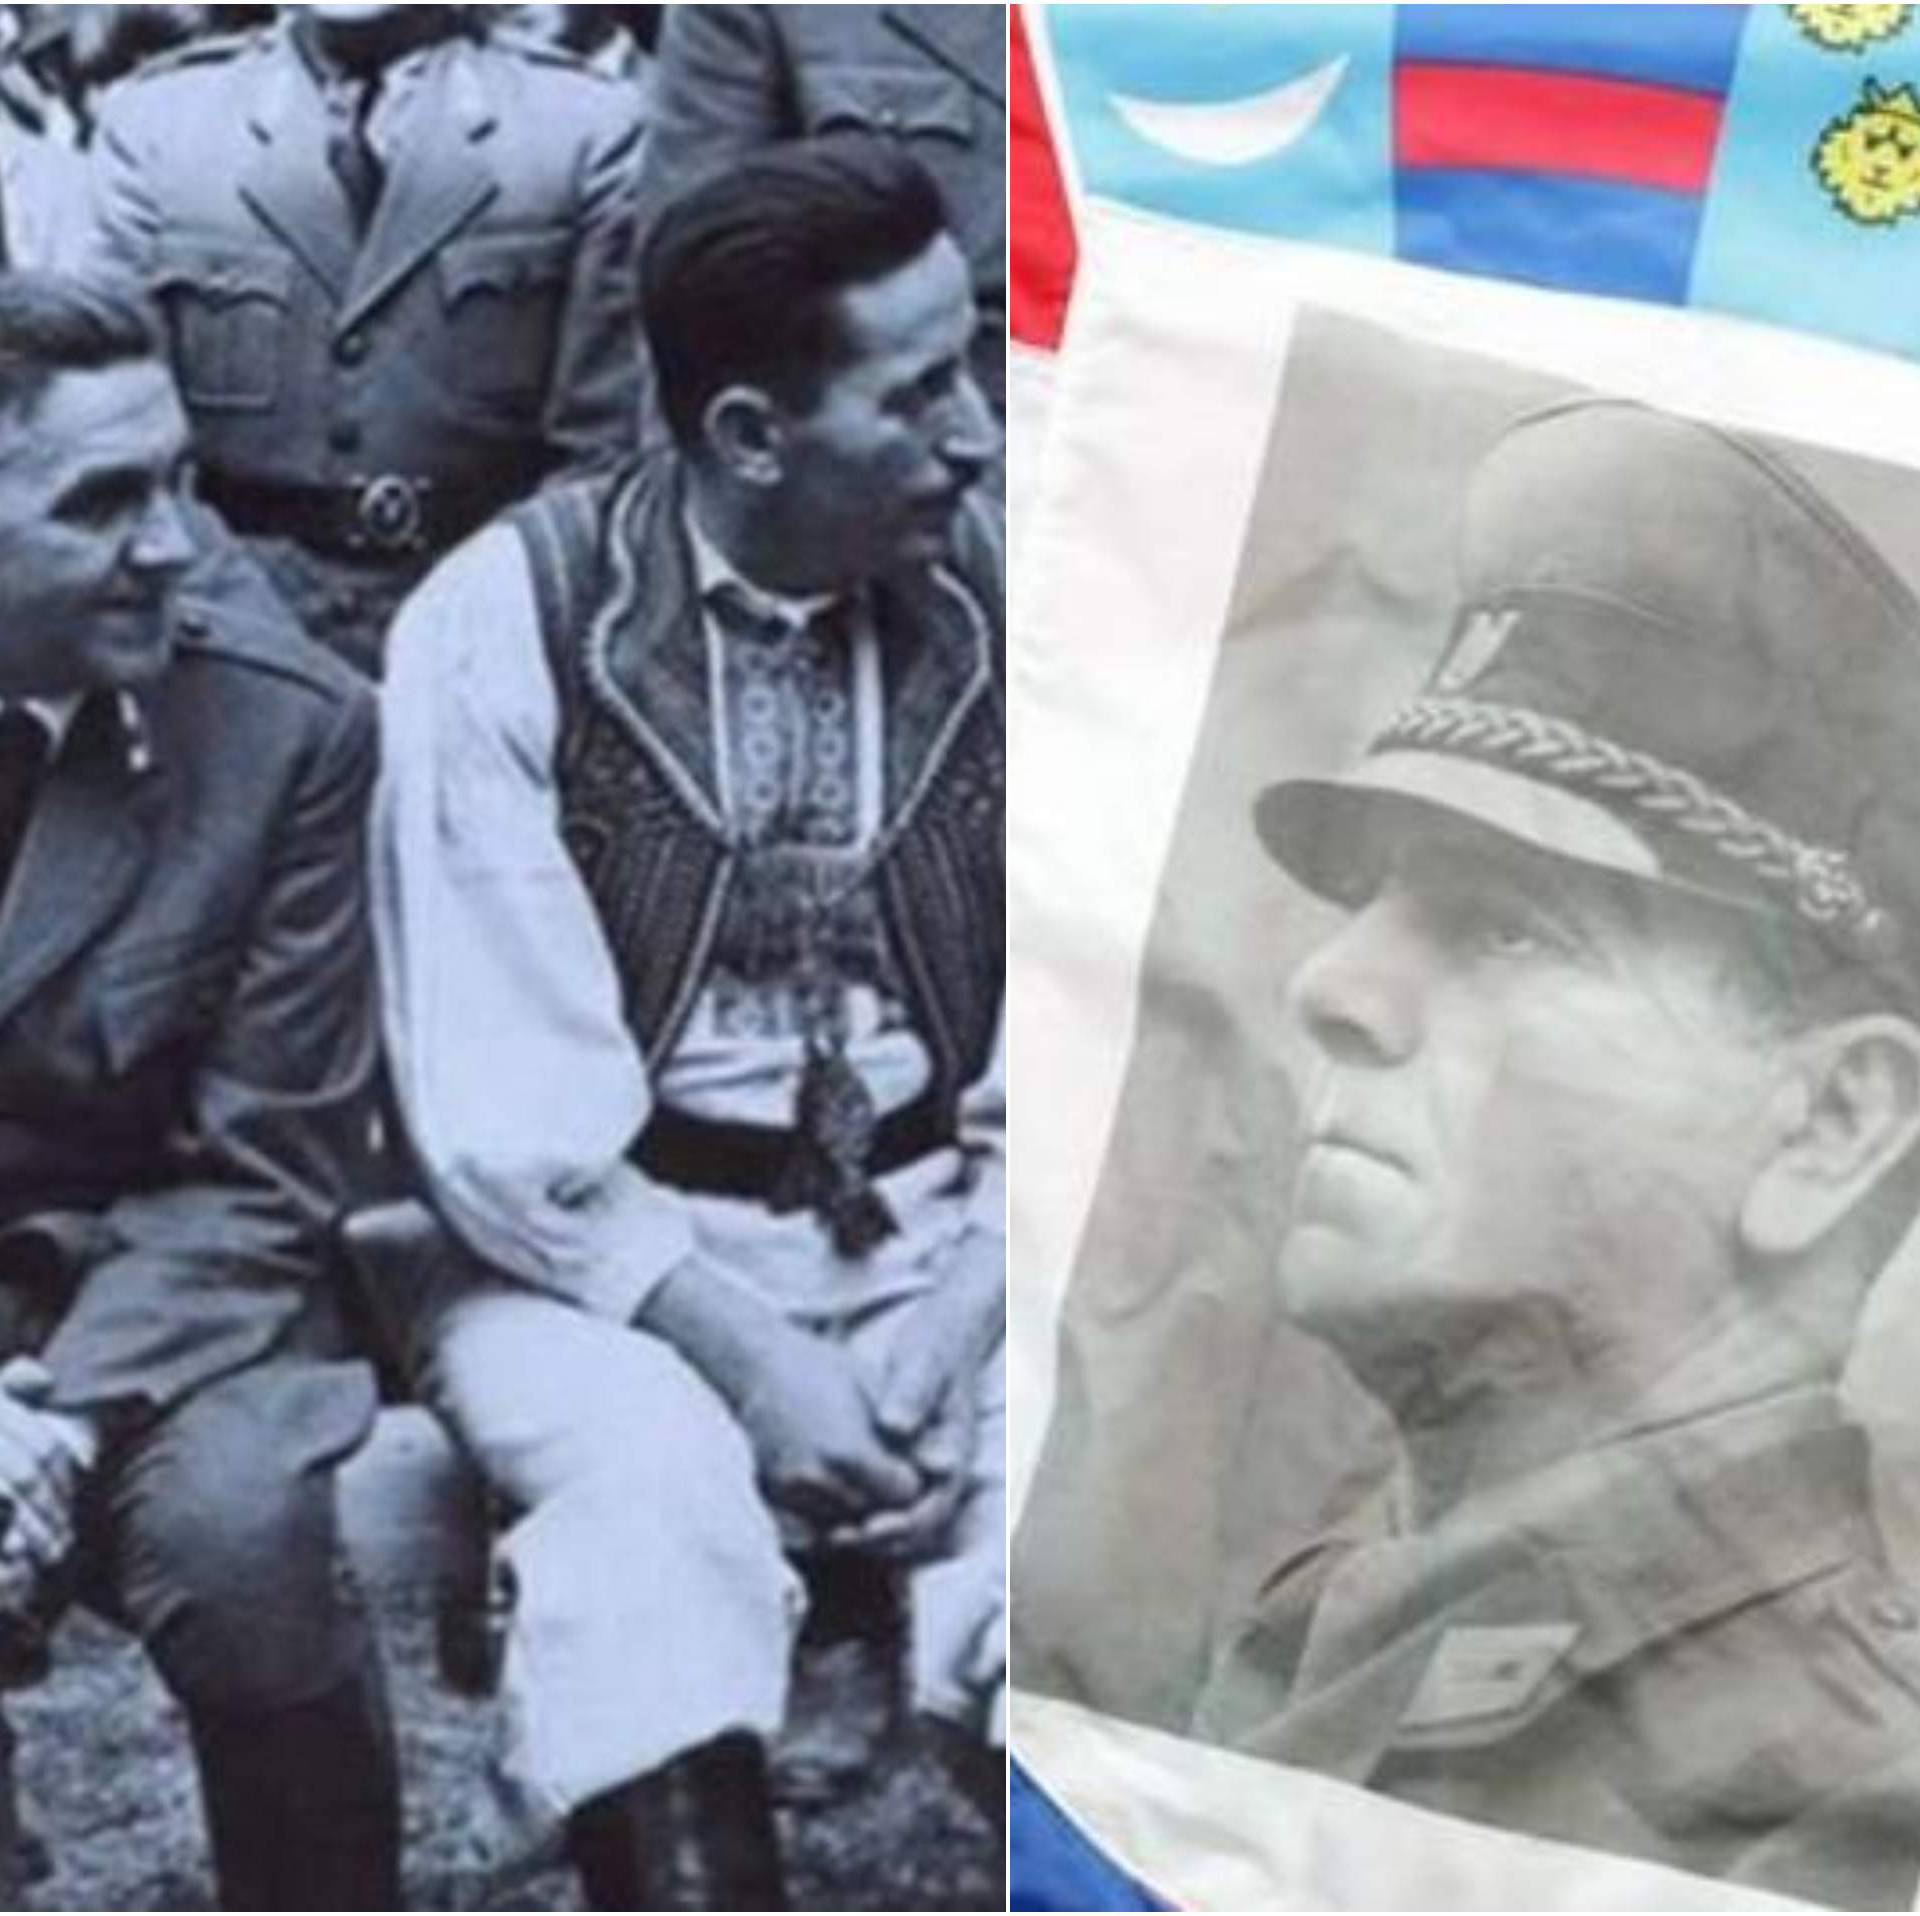 Šef Pavelićeve straže: 'Hitleru smo poklonili šah od slonovače'